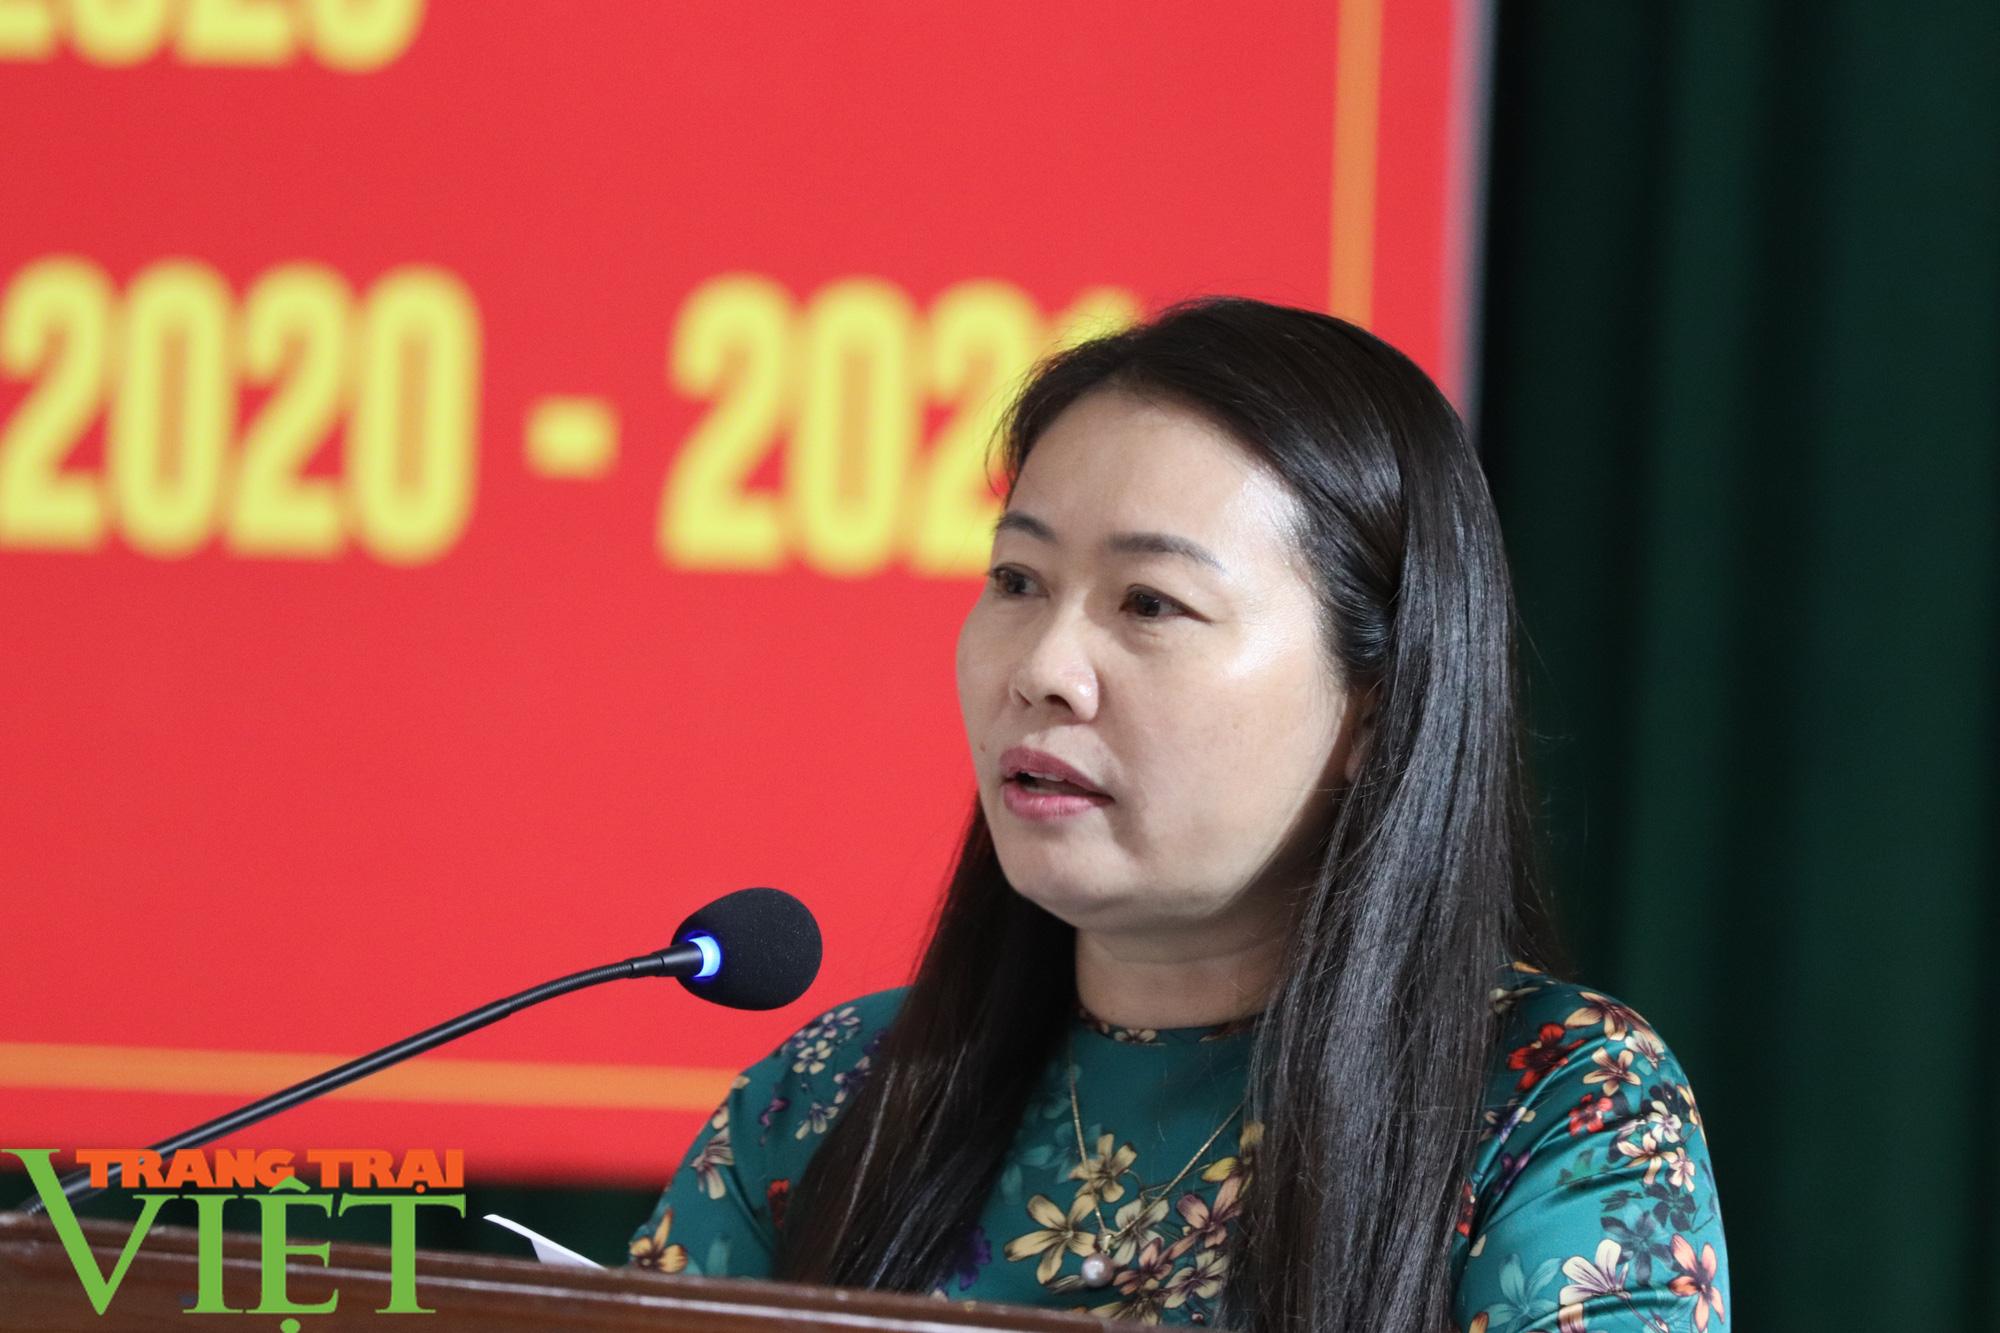 UBND huyện Phù Yên tổ chức Hội nghị tổng kết năm học 2019 – 2020 - Ảnh 3.